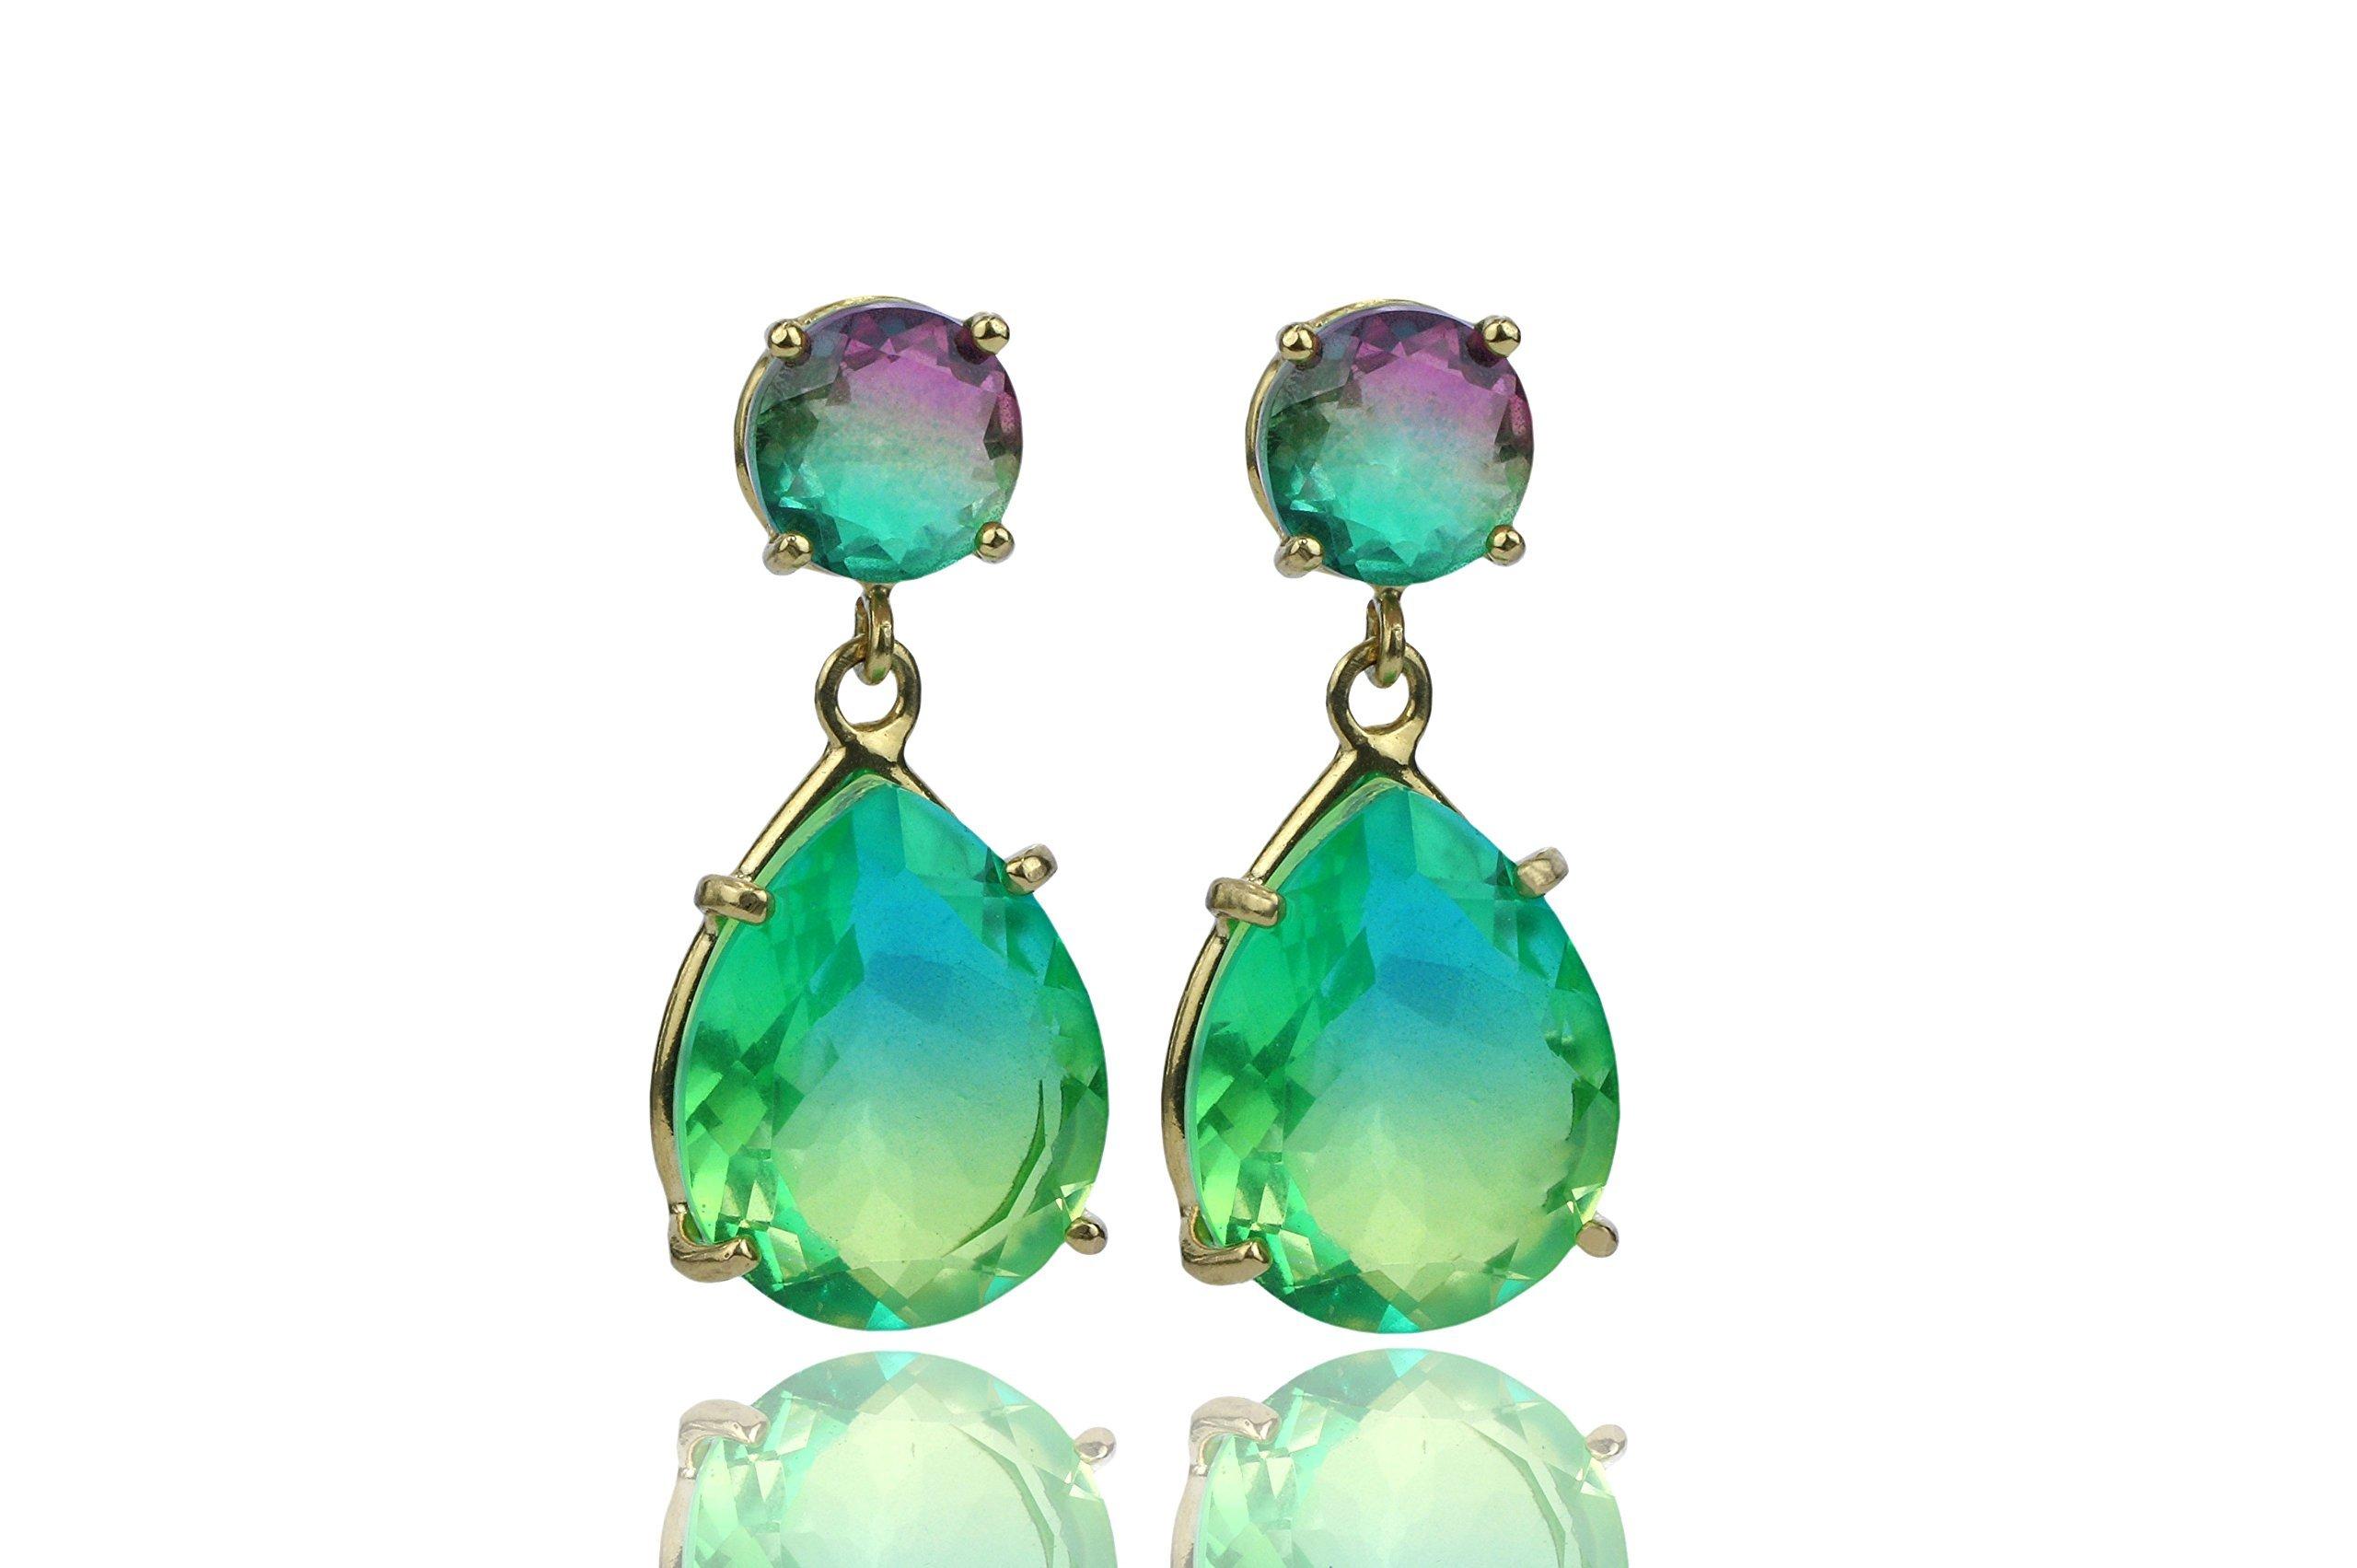 Watermelon Tourmaline Earrings,gold earrings,green tourmaline earrings,birthstone earrings,October birthstone,dangle earrings